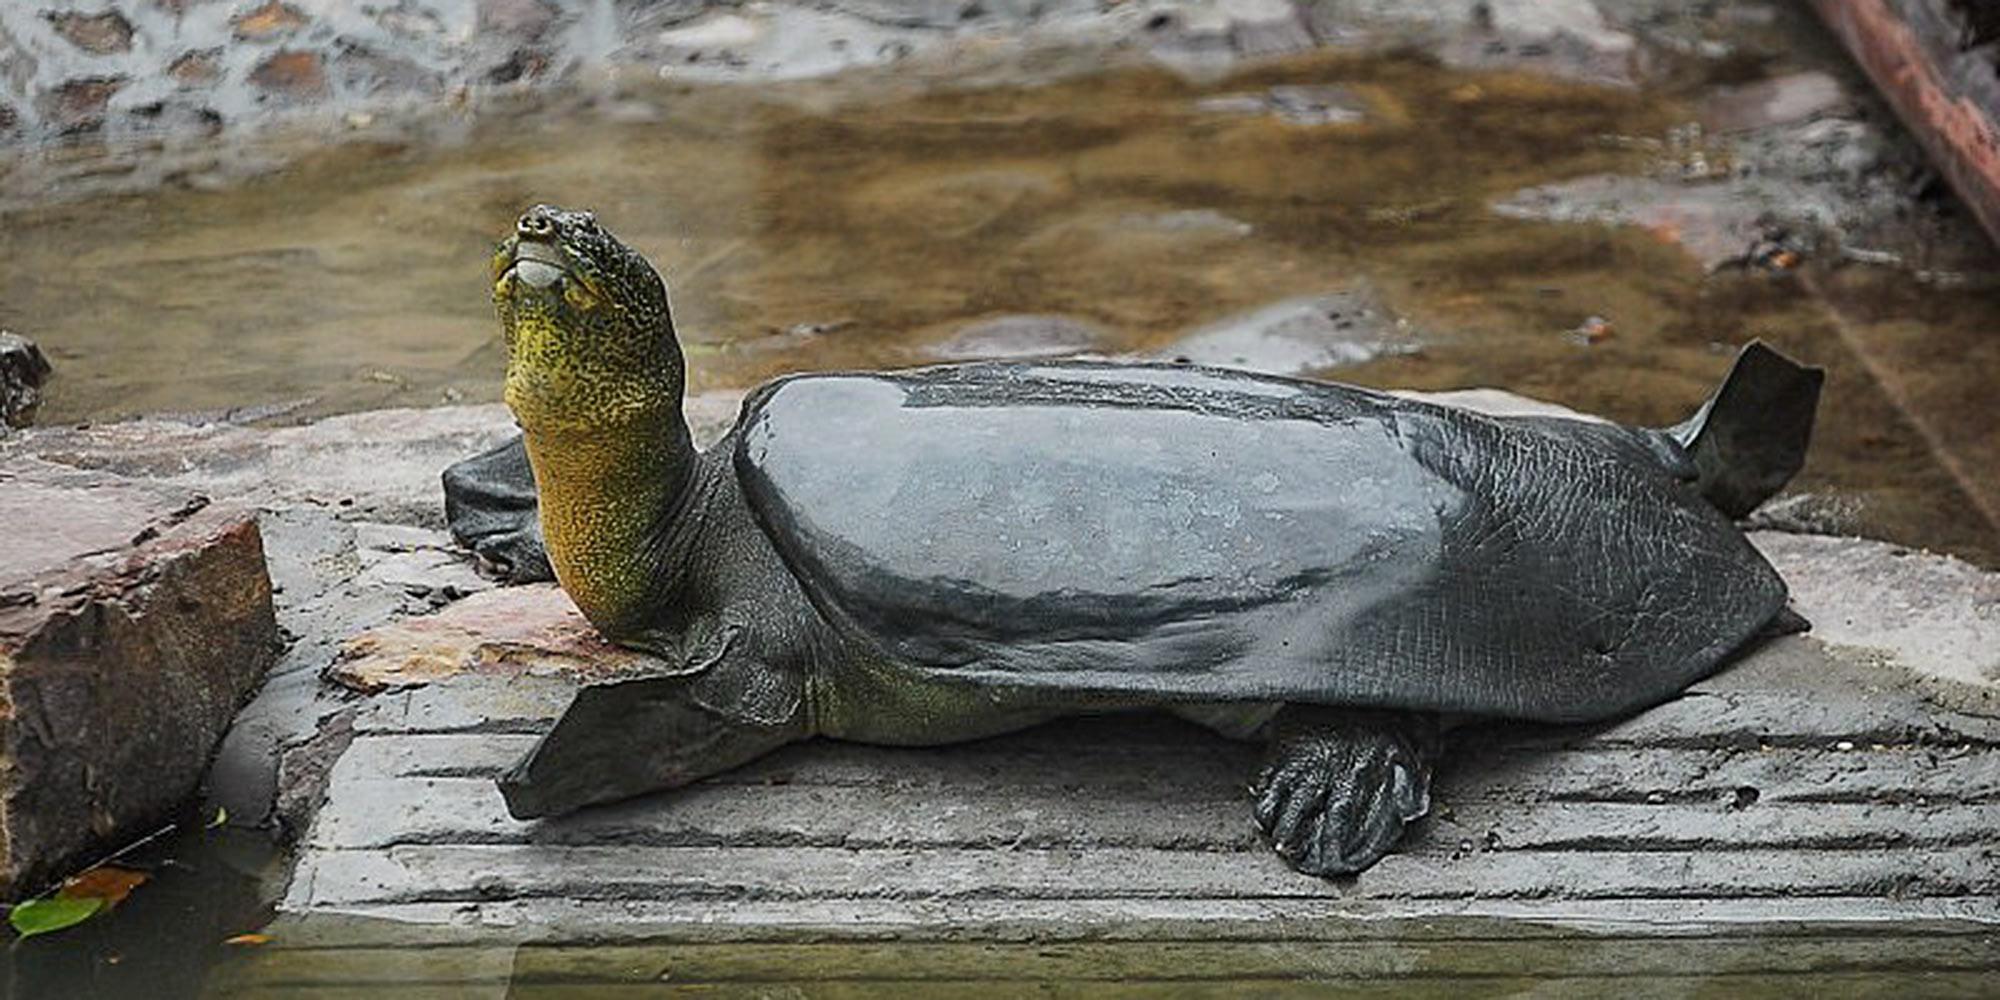 Morreu uma tartaruga rara no mundo, com 90 anos. Já só restam três